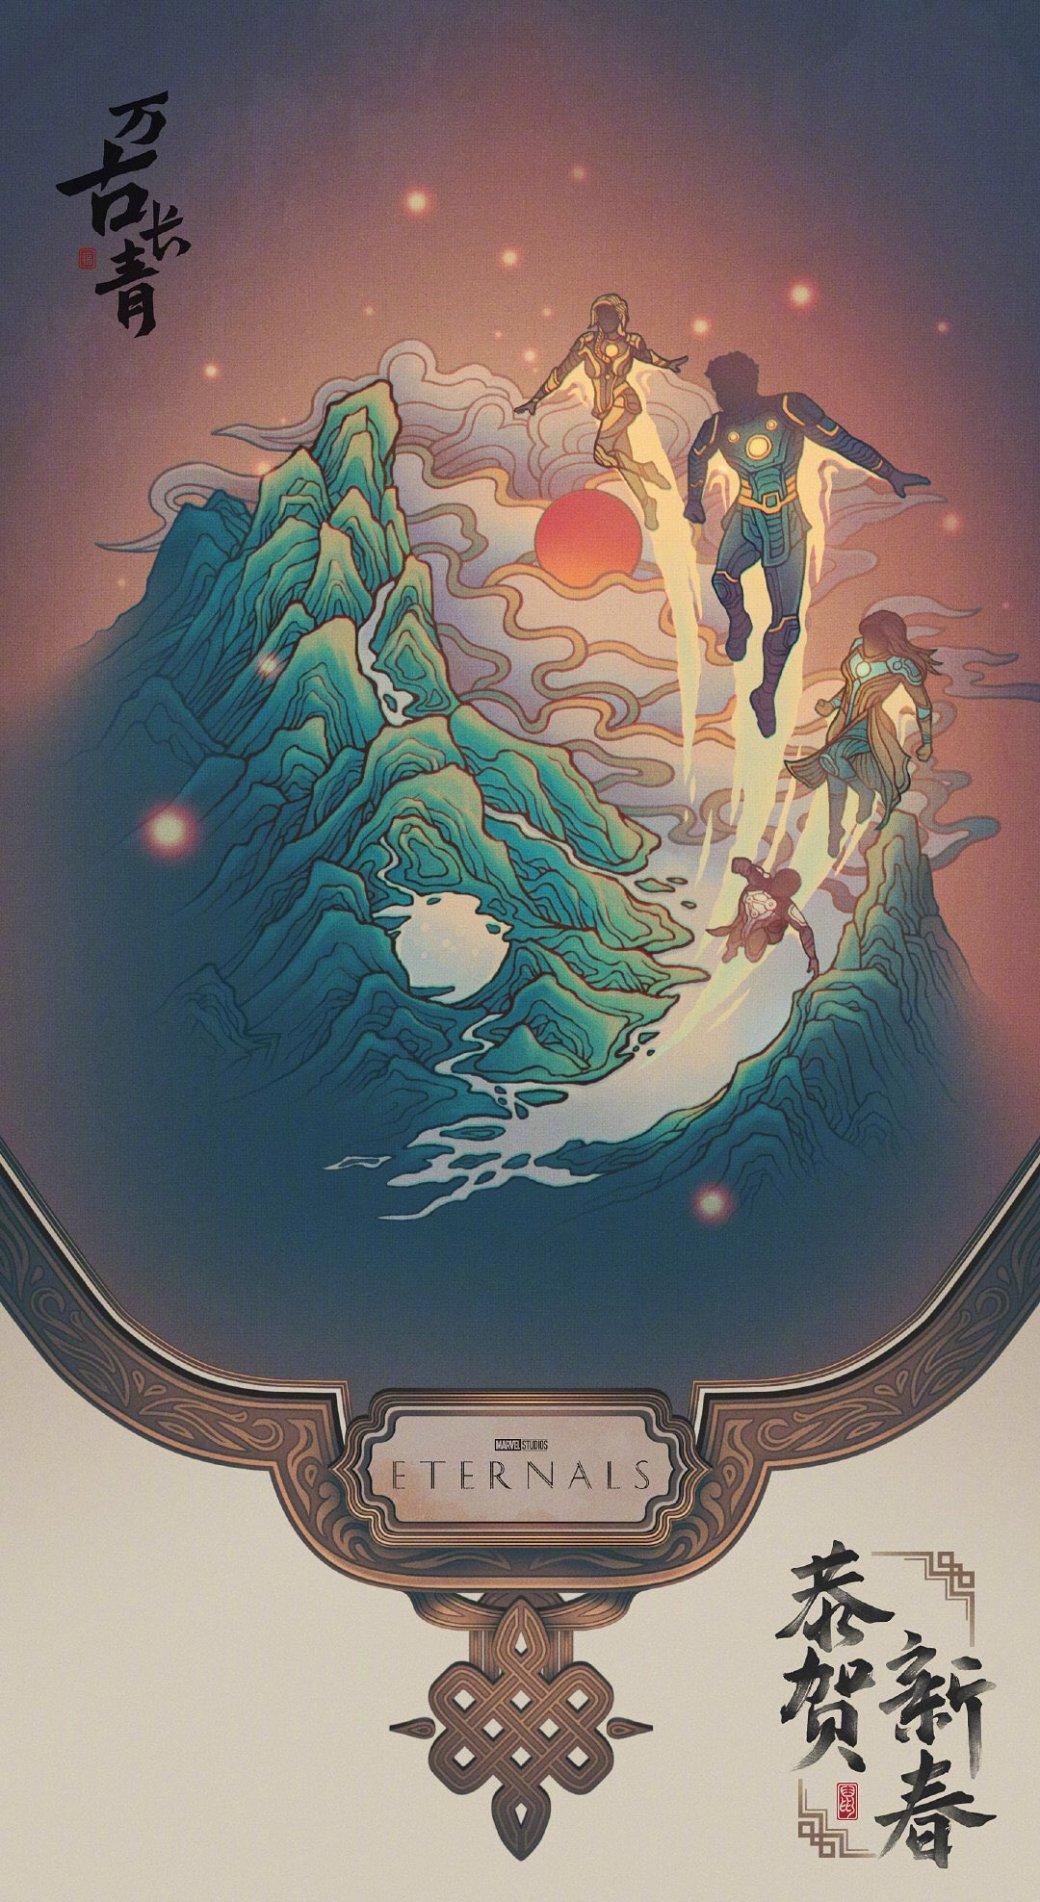 Всети появился промо-арт «Вечных» скостюмами супергероев | Канобу - Изображение 0